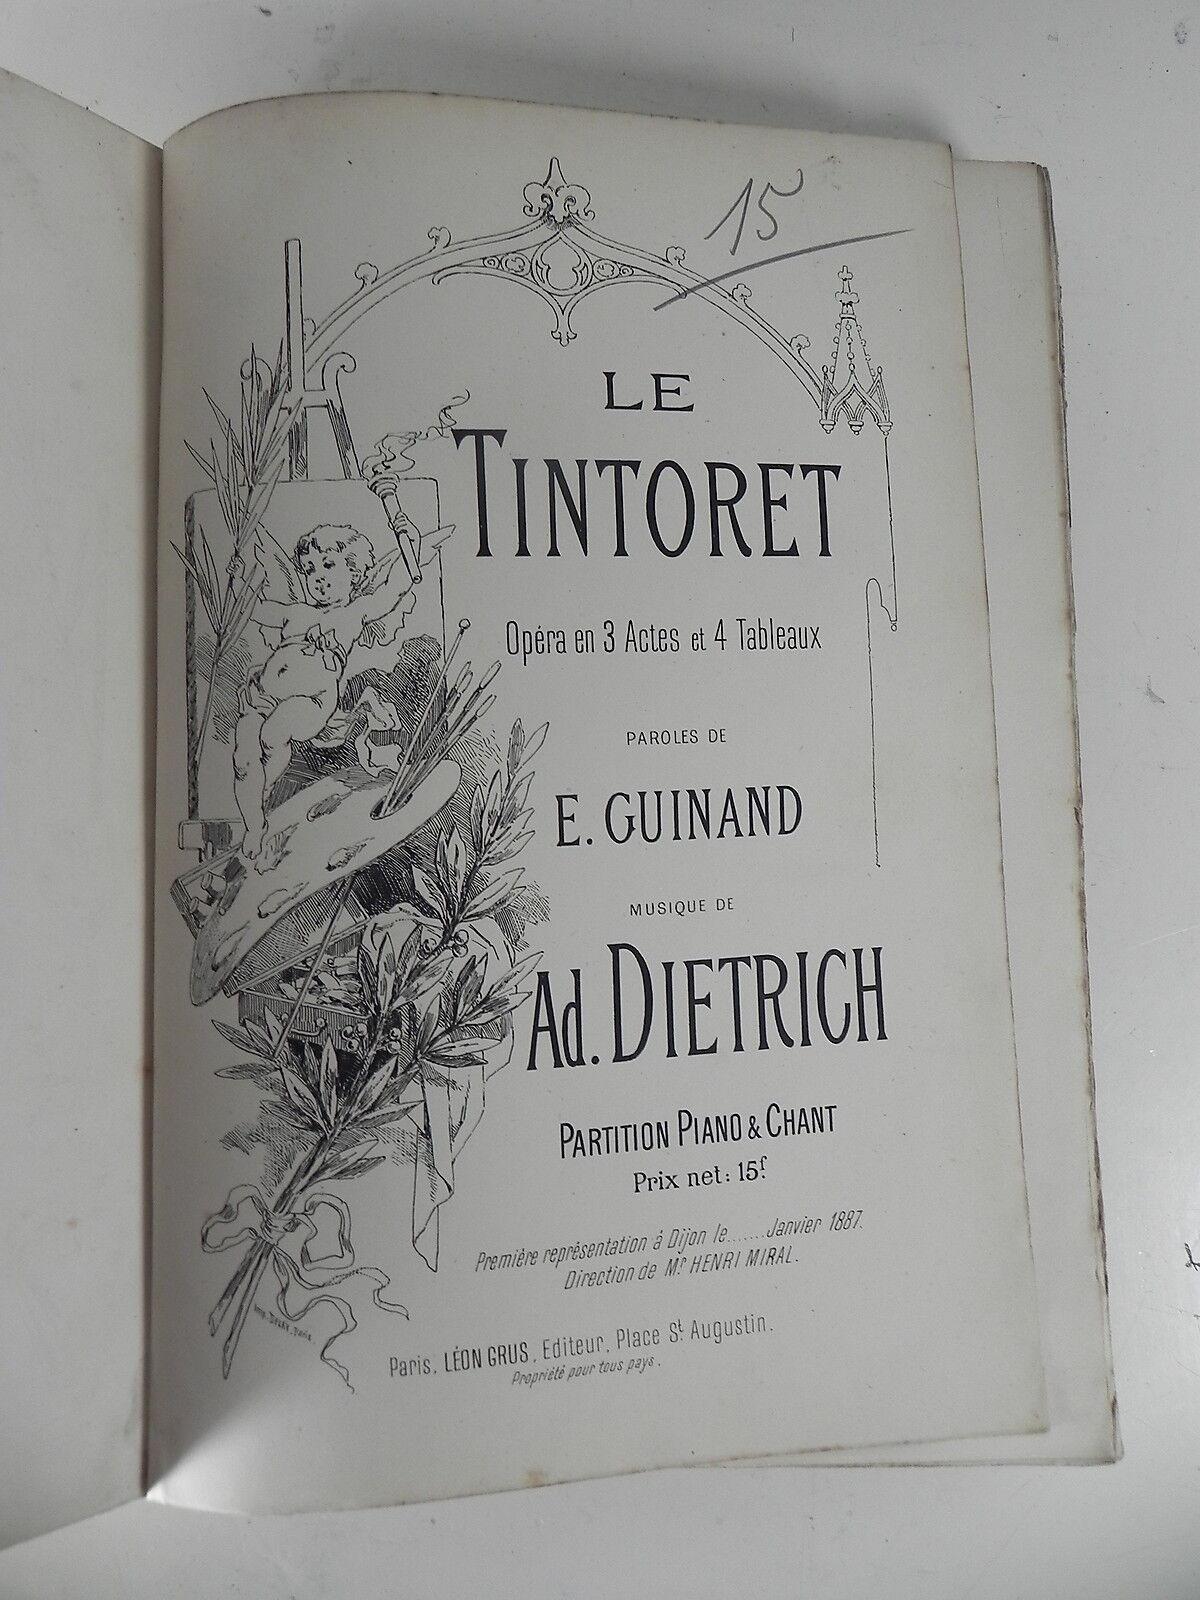 DIETRICH Ad. LE TINTORET Opéra Grus 1887 Partition sheet music score